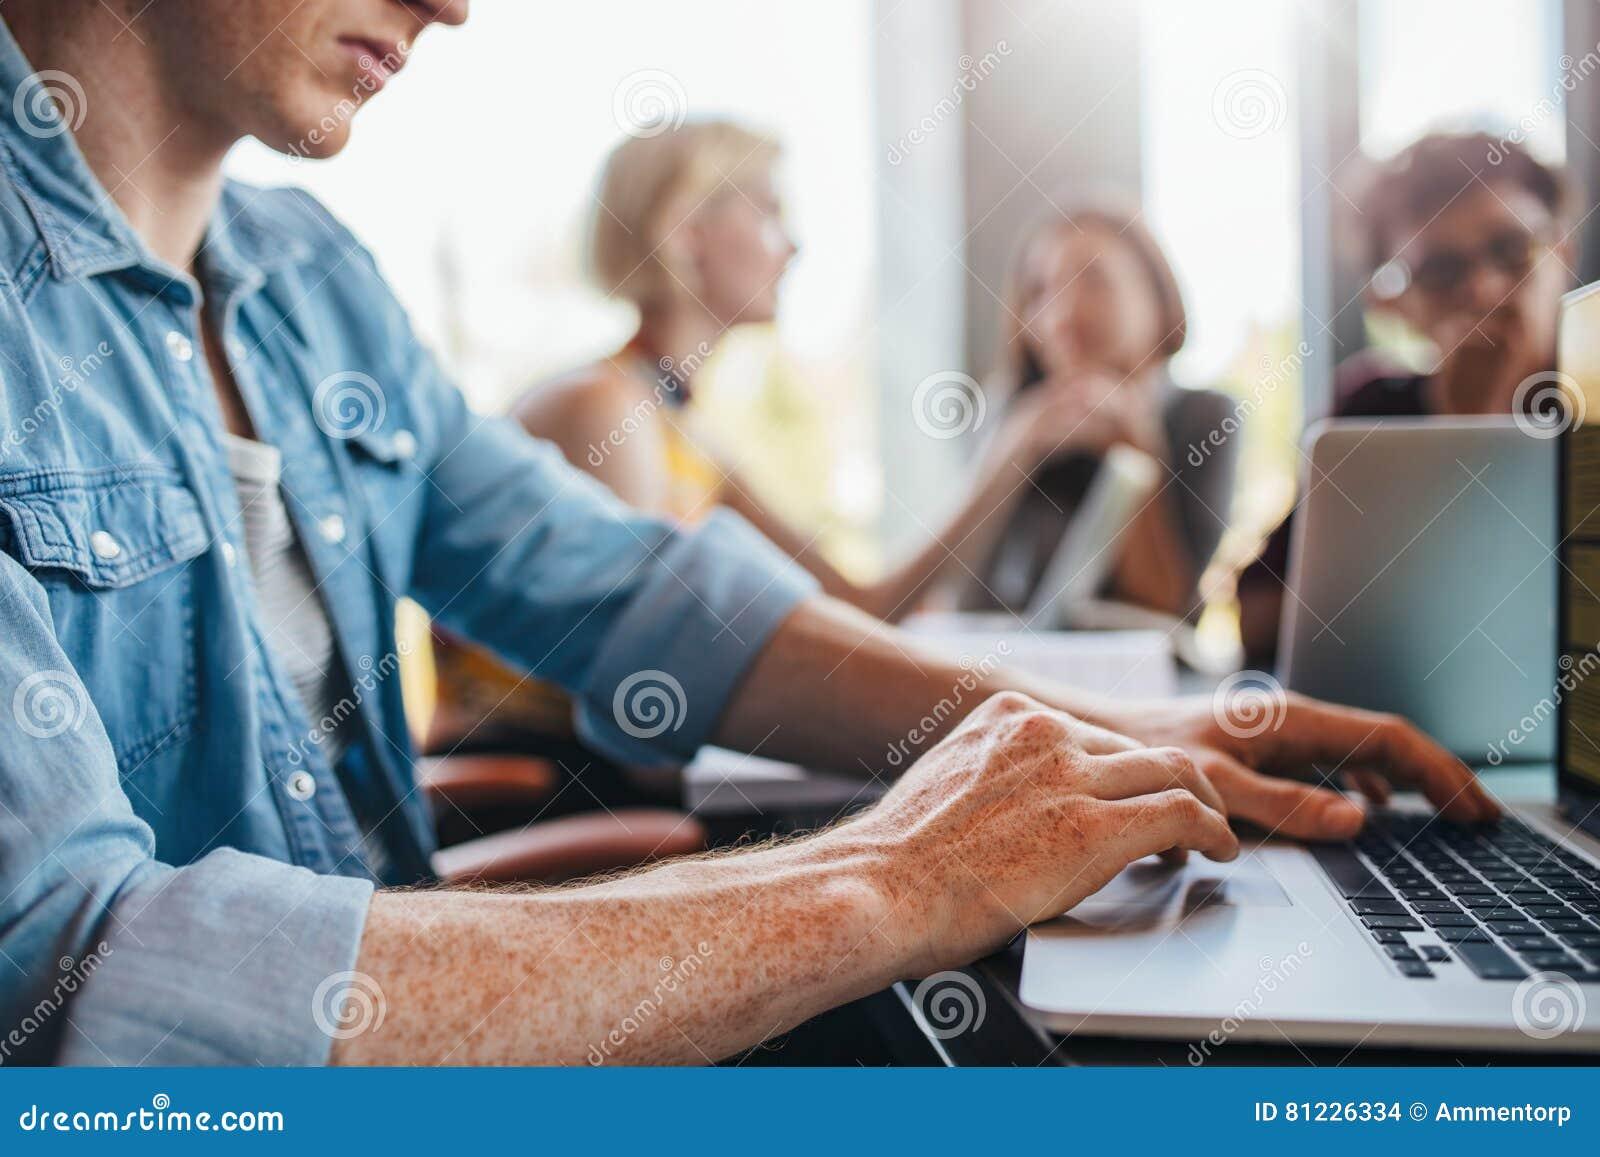 Νεαρός άνδρας που χρησιμοποιεί το lap-top με τους συμμαθητές που μελετούν στο υπόβαθρο